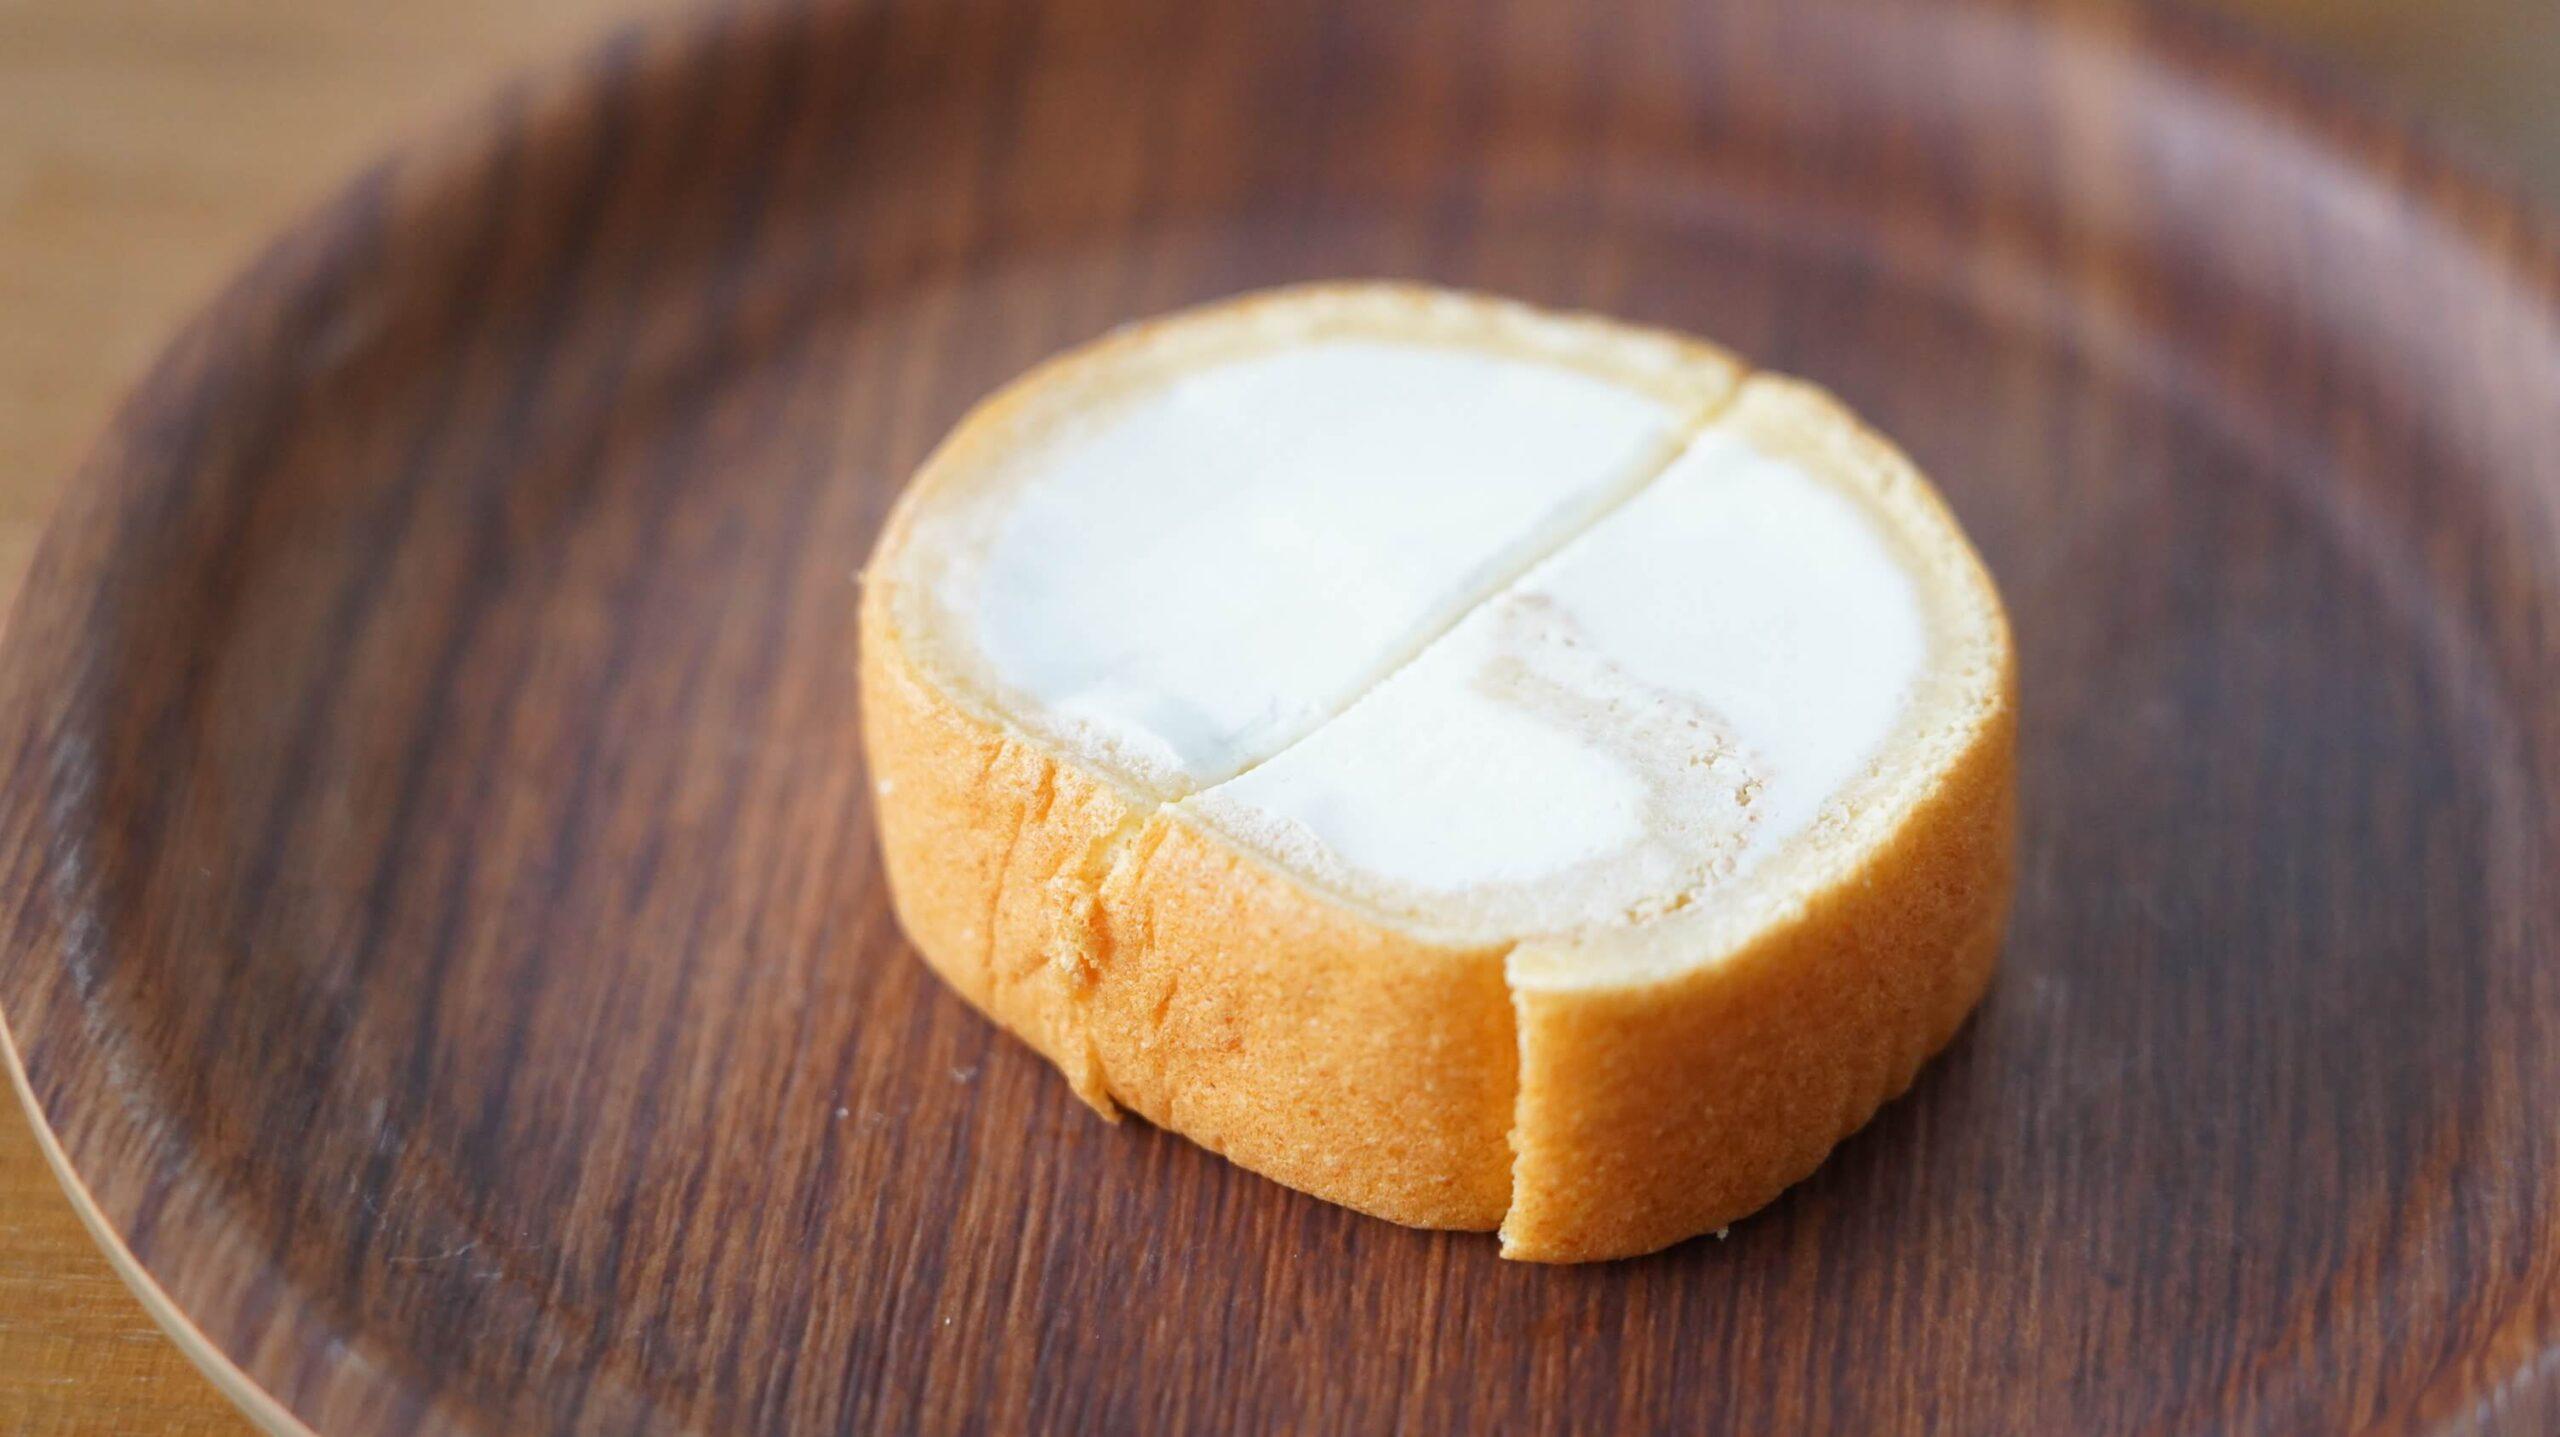 nosh(ナッシュ)の冷凍食品「ロールケーキ」を皿に盛りつけた写真